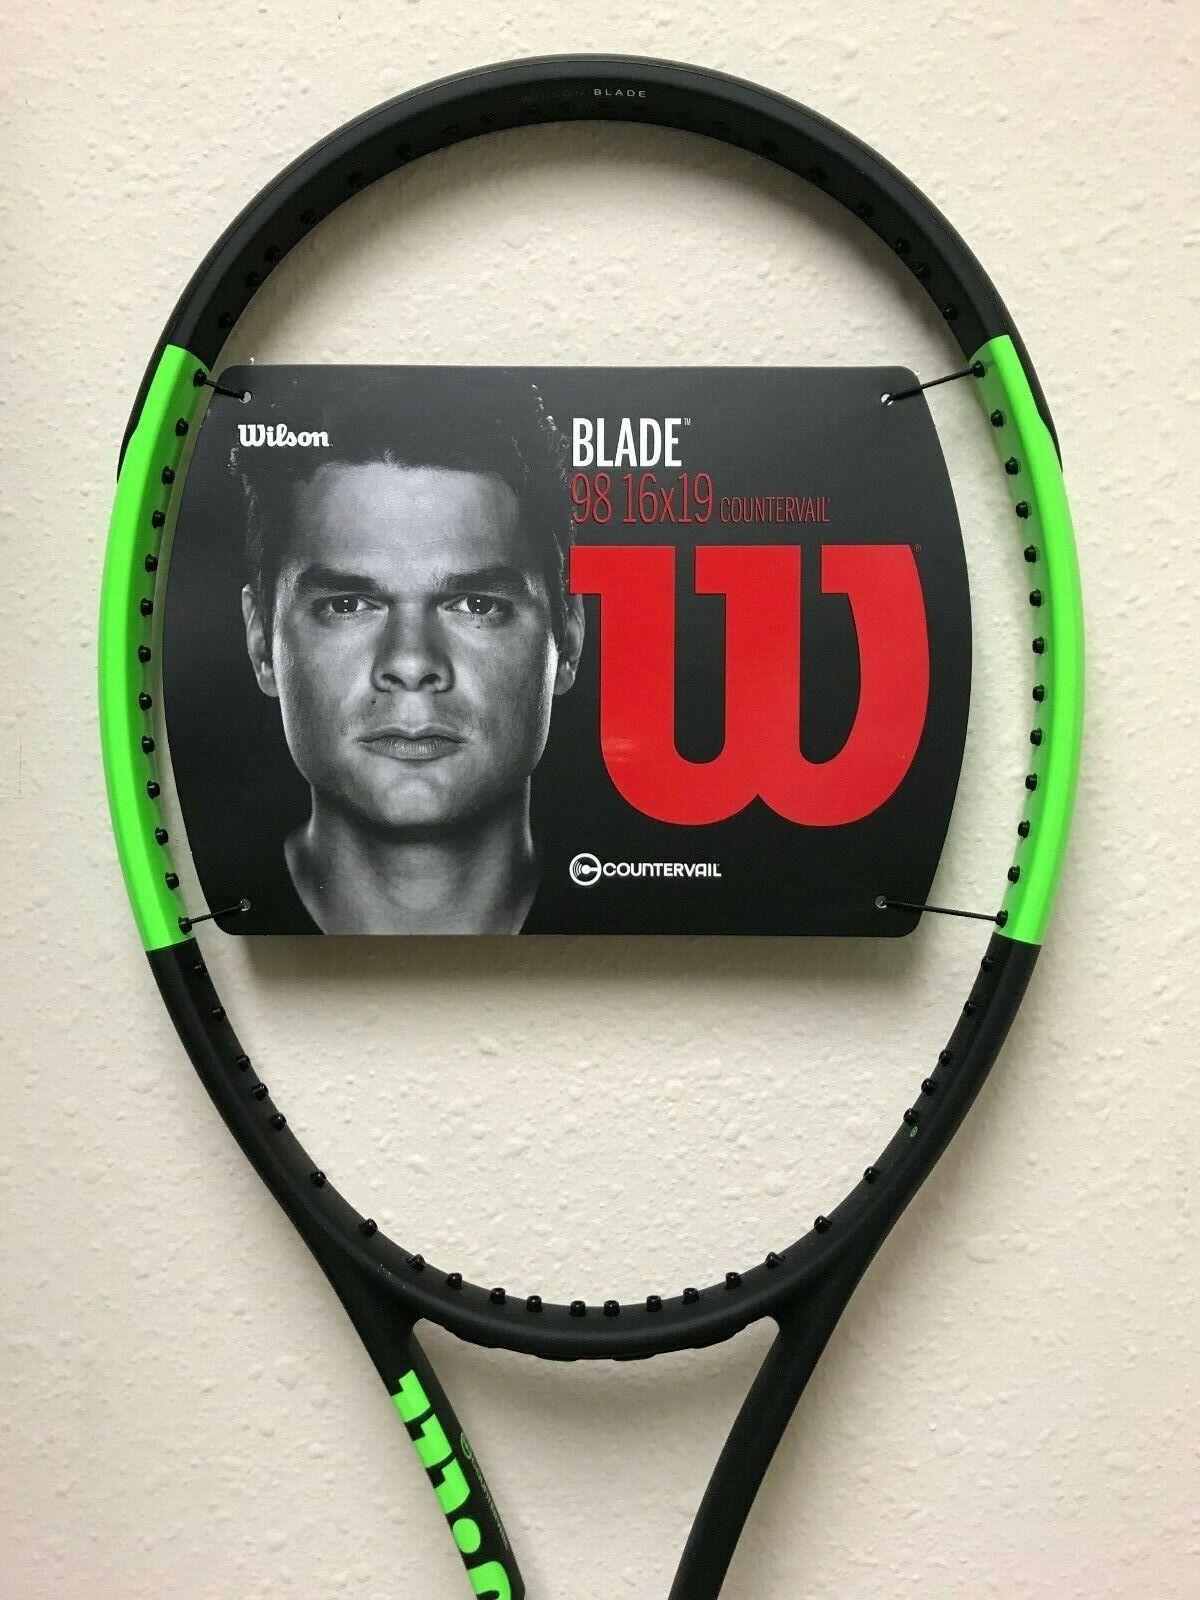 Wilson Blade 98 16 x 19 Countervail Blk Grn Tennis Racquet Grip Größe 4 3 8